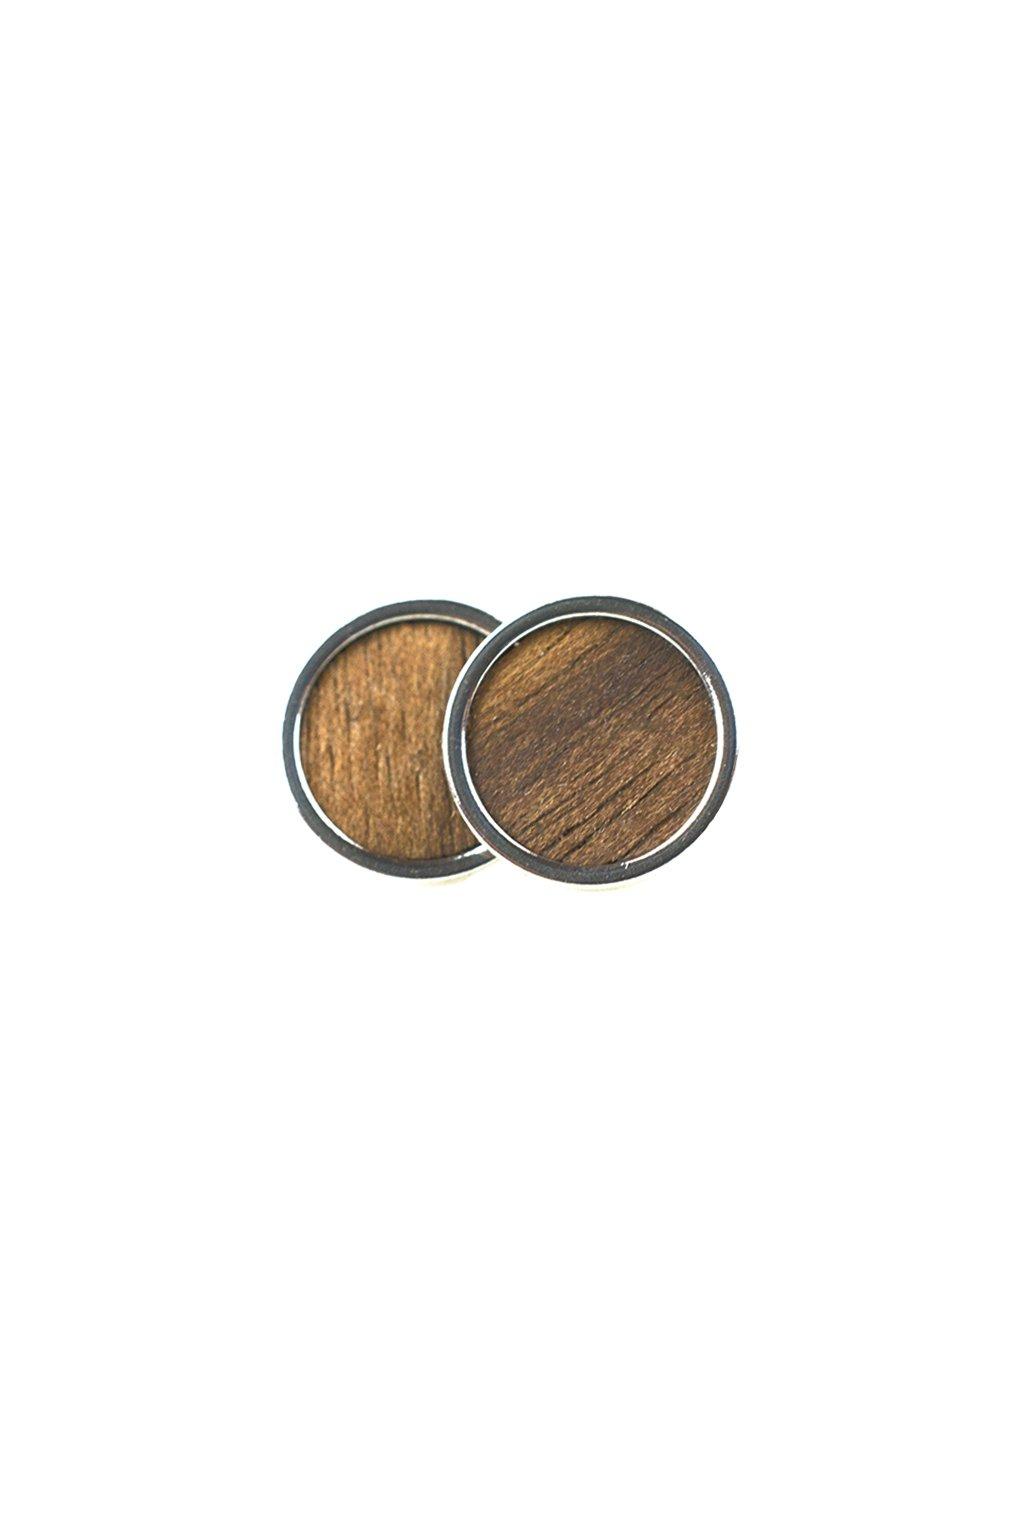 Dřevěné náušnice Juglans Nigra | JAA∞TY